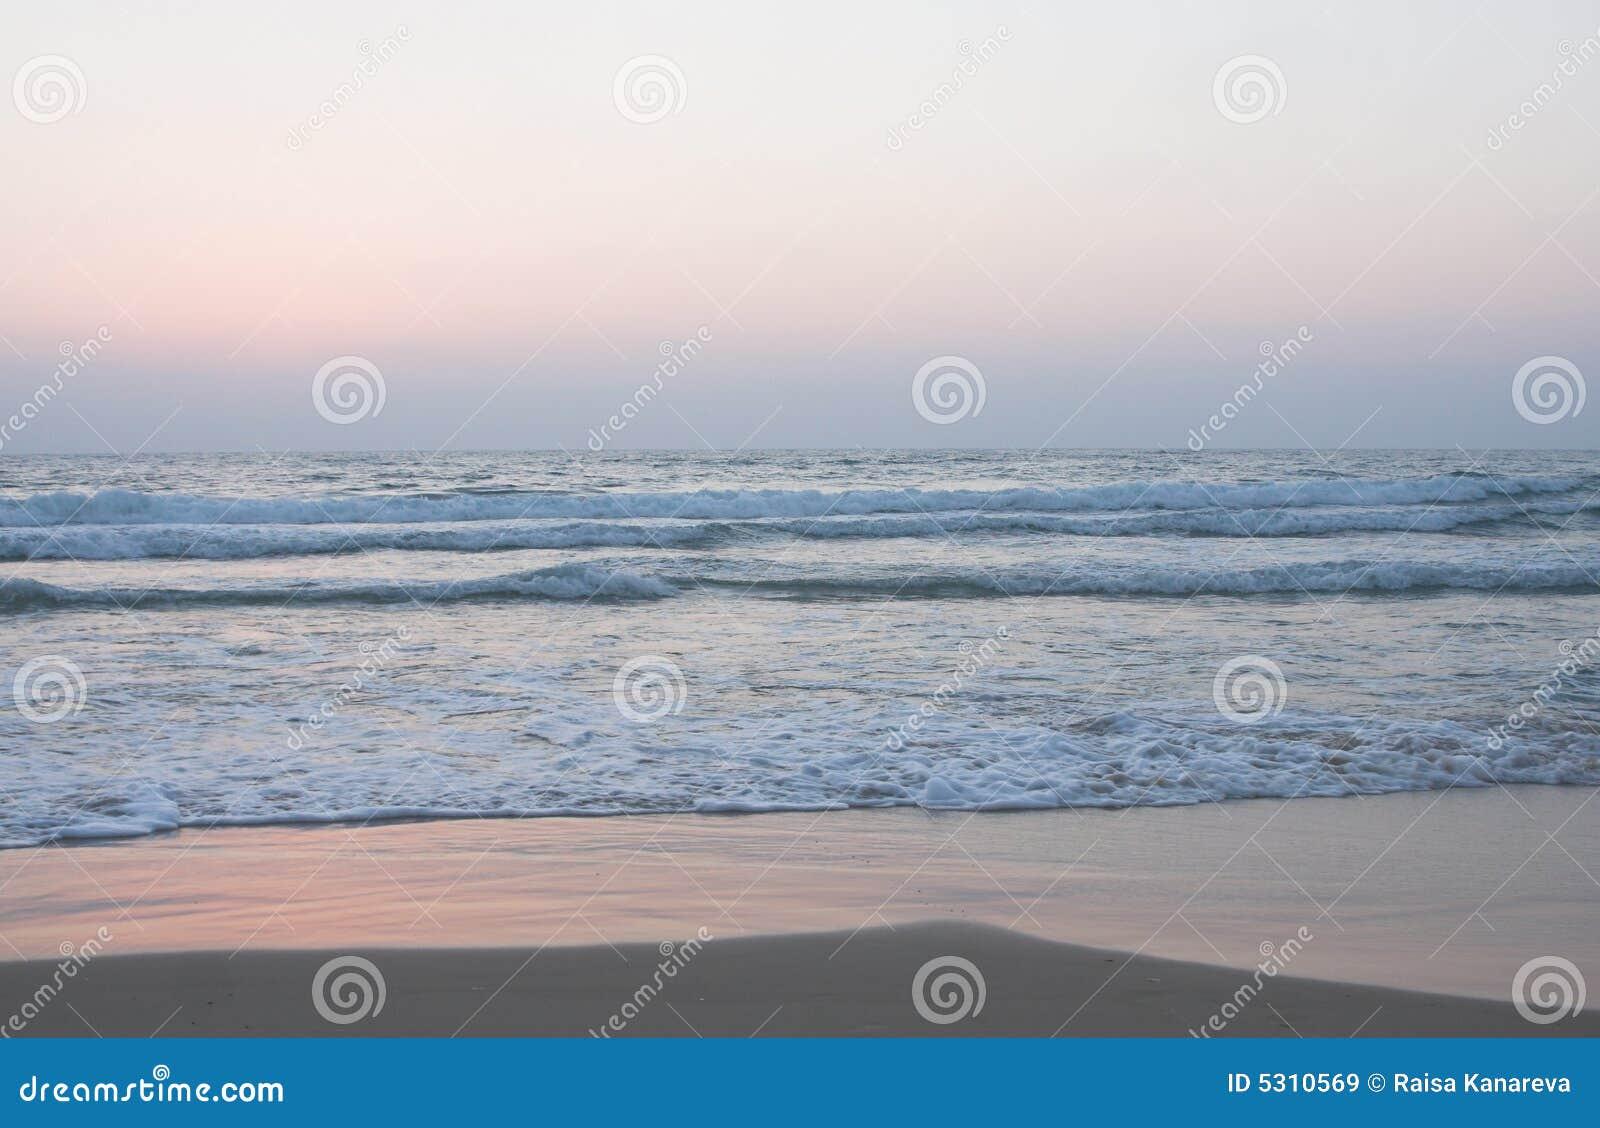 Download Puntello Dell'oceano Con La Spiaggia Sabbiosa Immagine Stock - Immagine di litorale, coastline: 5310569